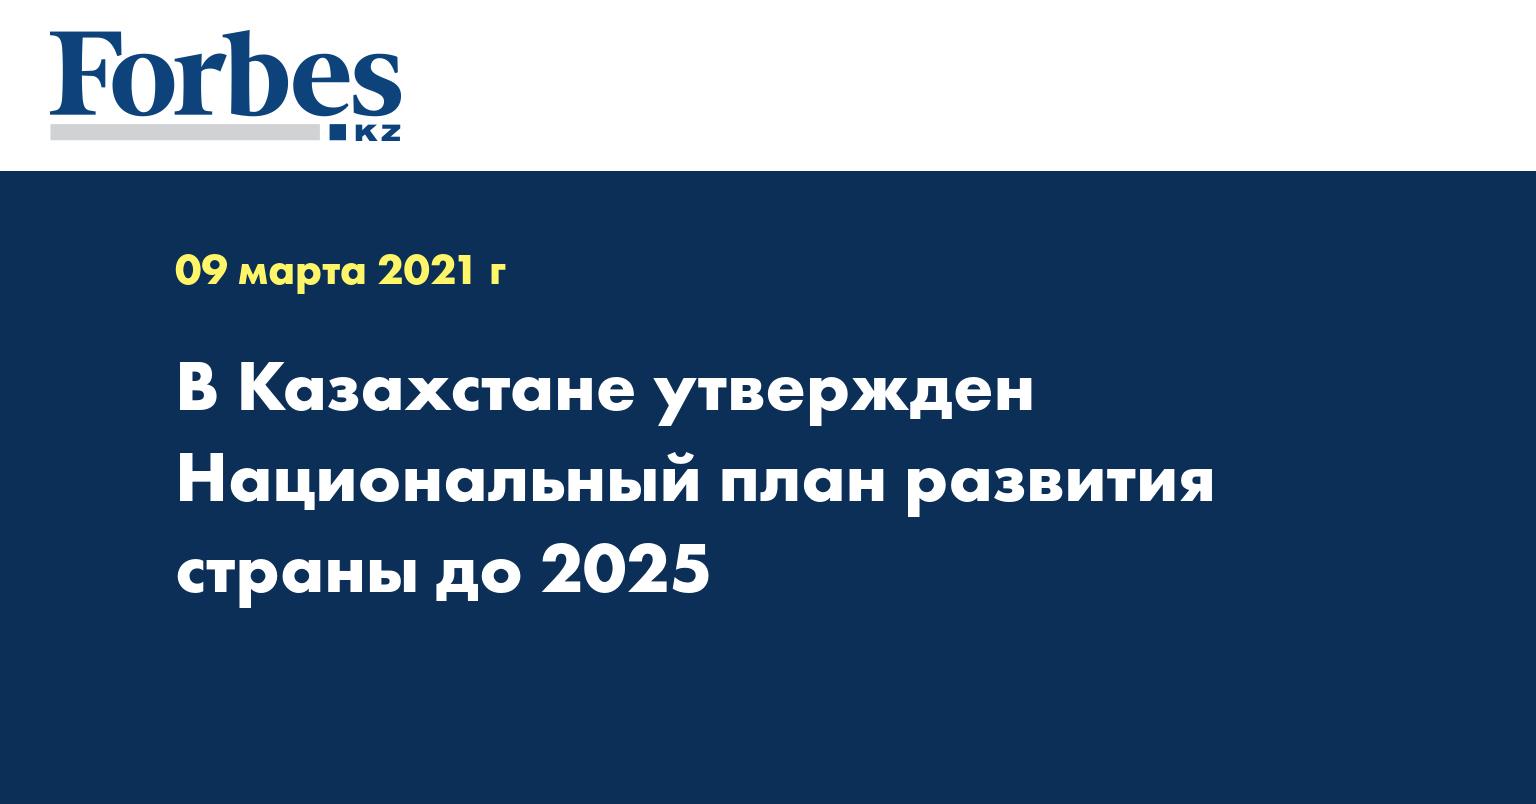 В Казахстане утвержден Национальный план развития страны до 2025